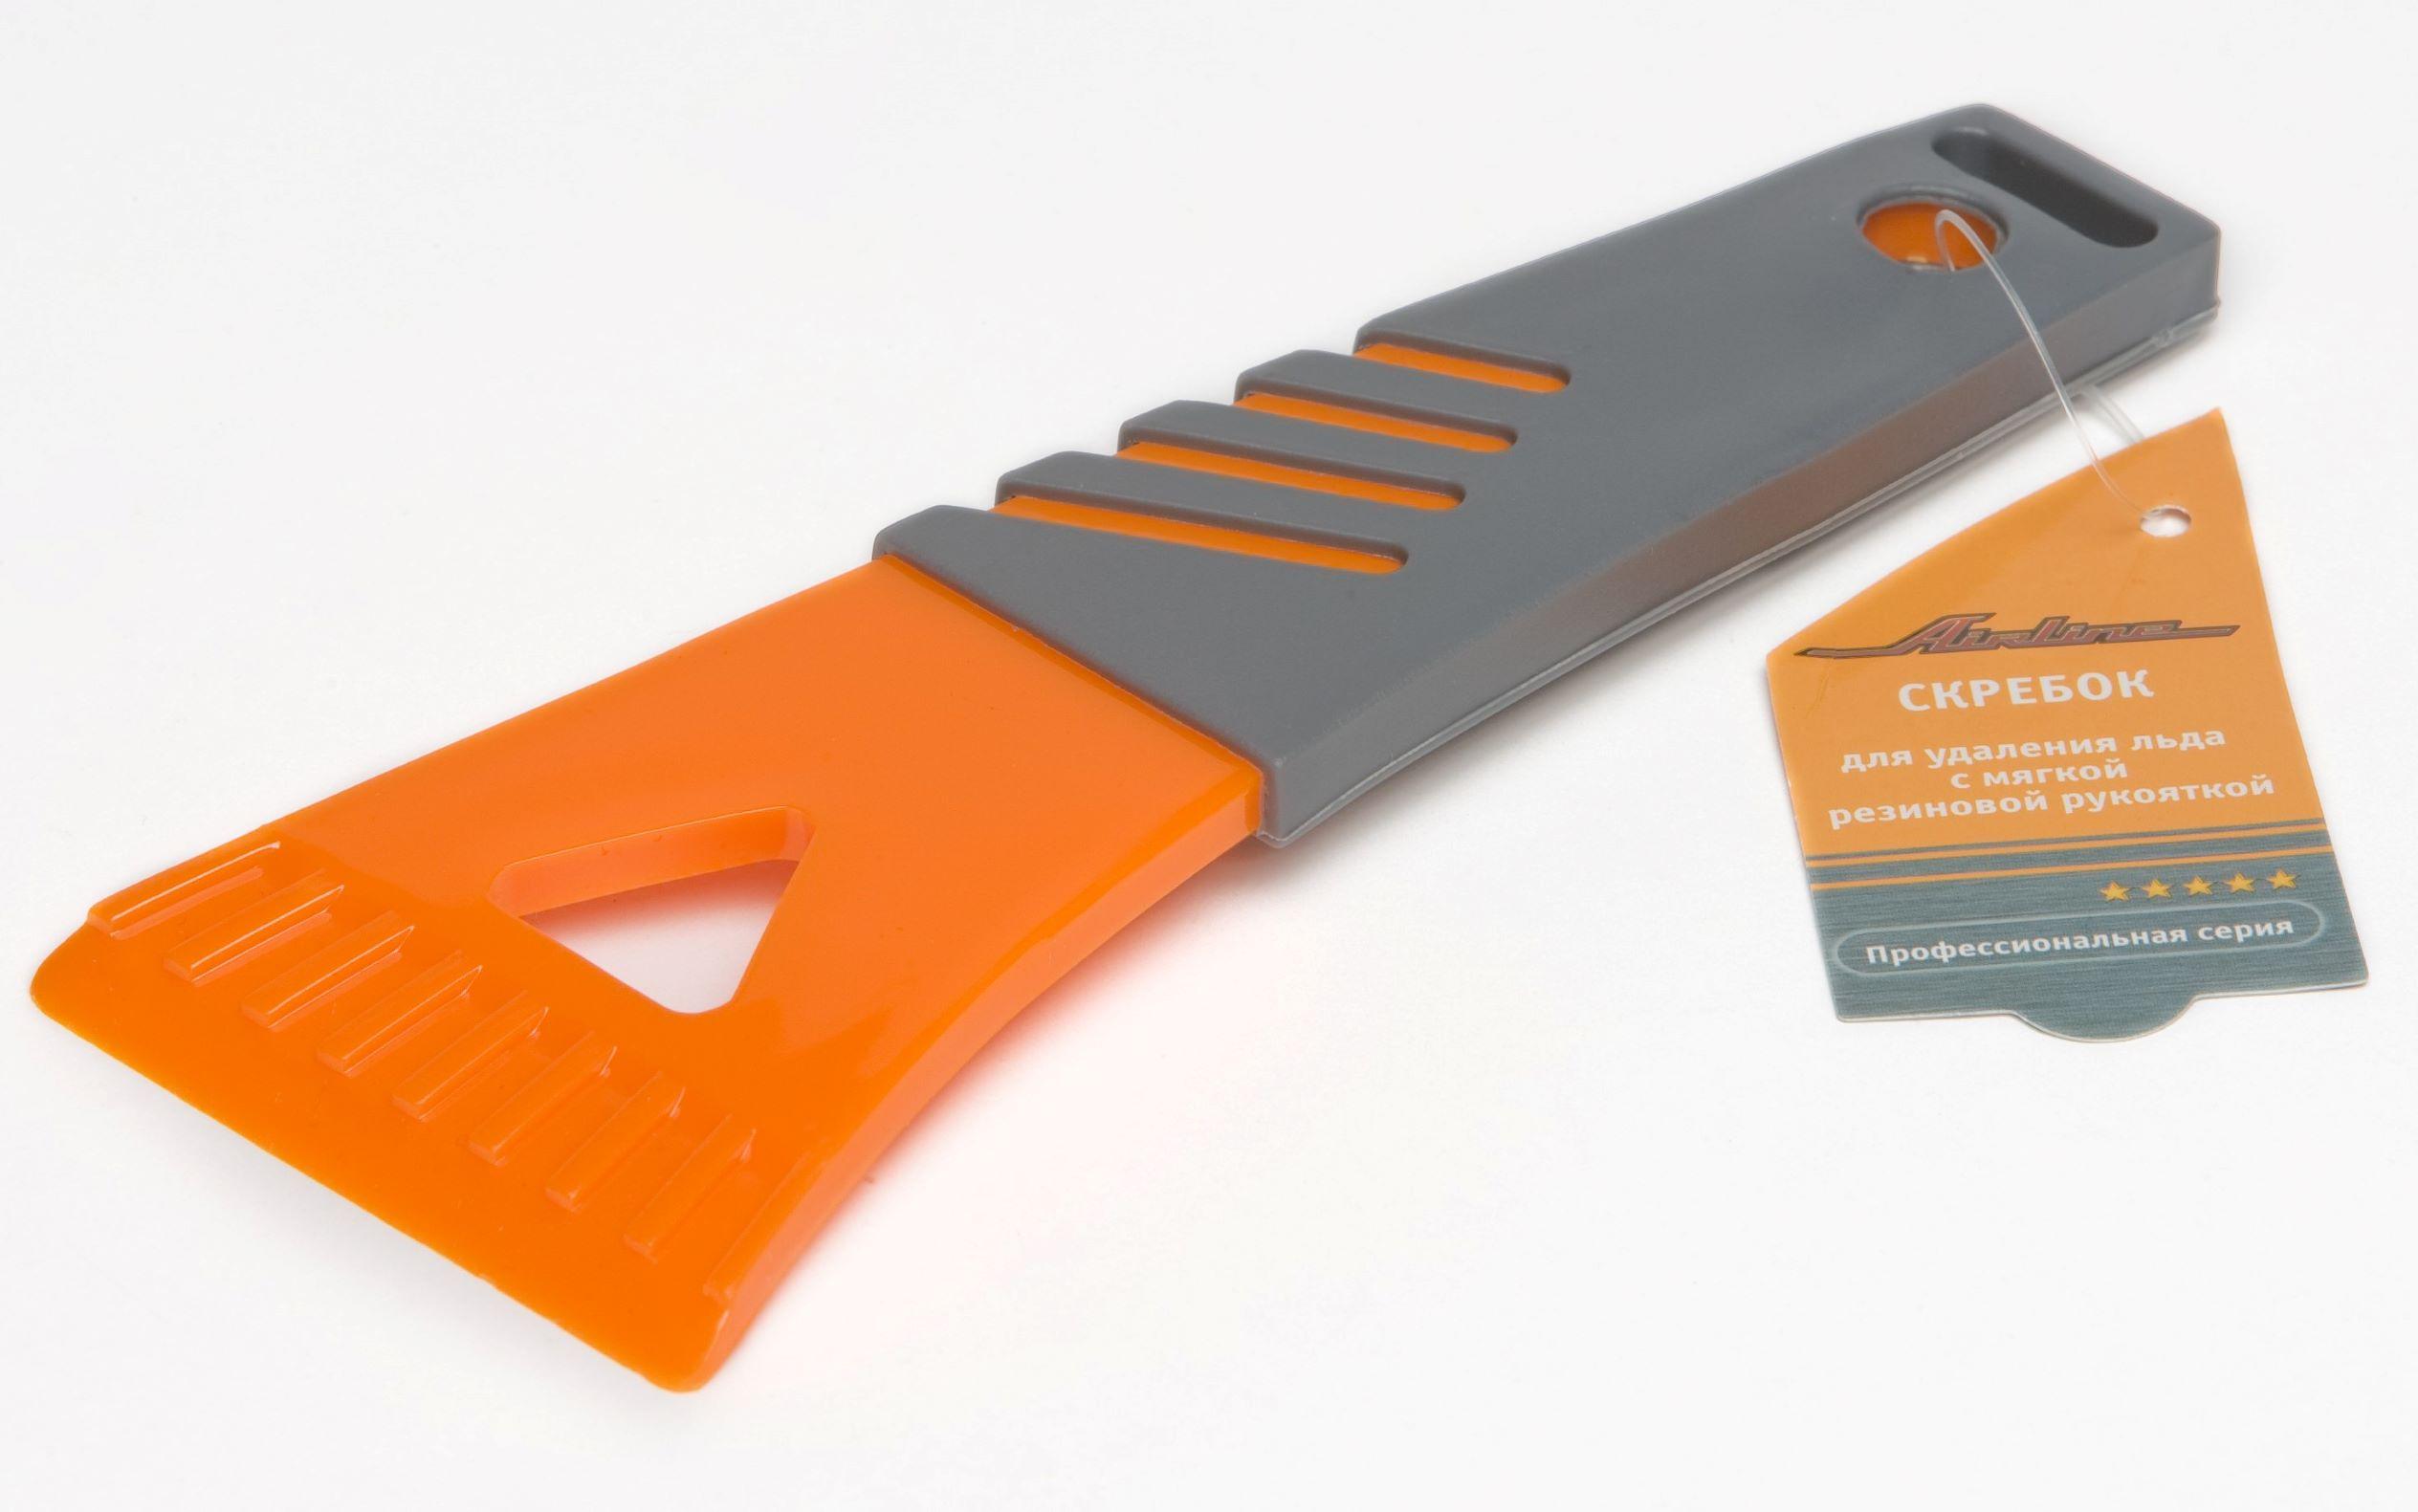 Скребок для льда Airline 18 см обрезиненная ручка AB-P-03